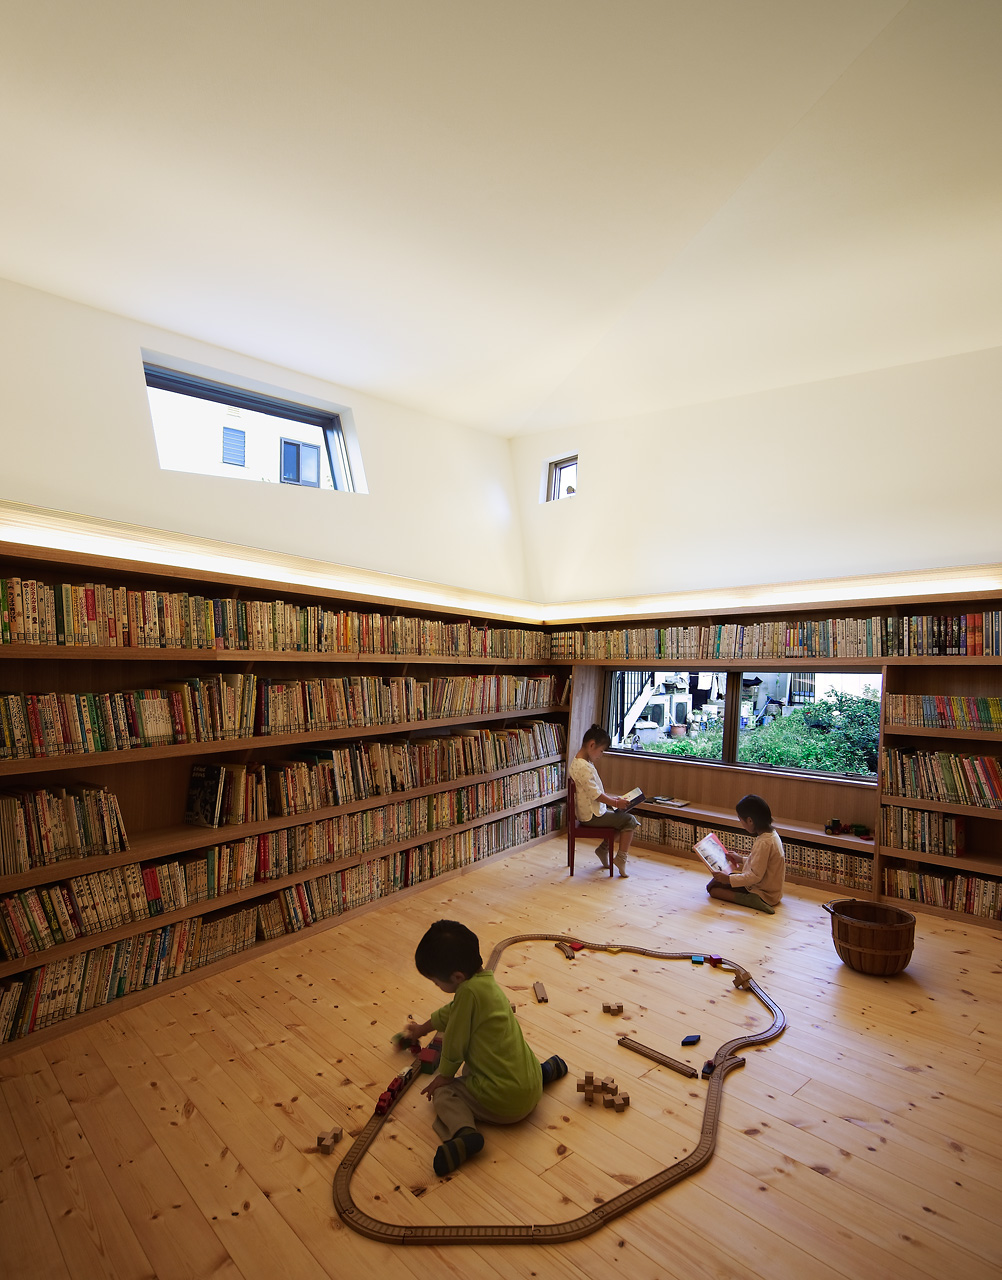 絵本ルーム: 30年間に収集された5200冊の絵本が壁一面に並びます。照明はモアレ現象を利用したグラフィカルで遊びのあるデザインの間接照明を用いました。子供のスケールに合わせた窓からは緑豊かな空地を望むことができます